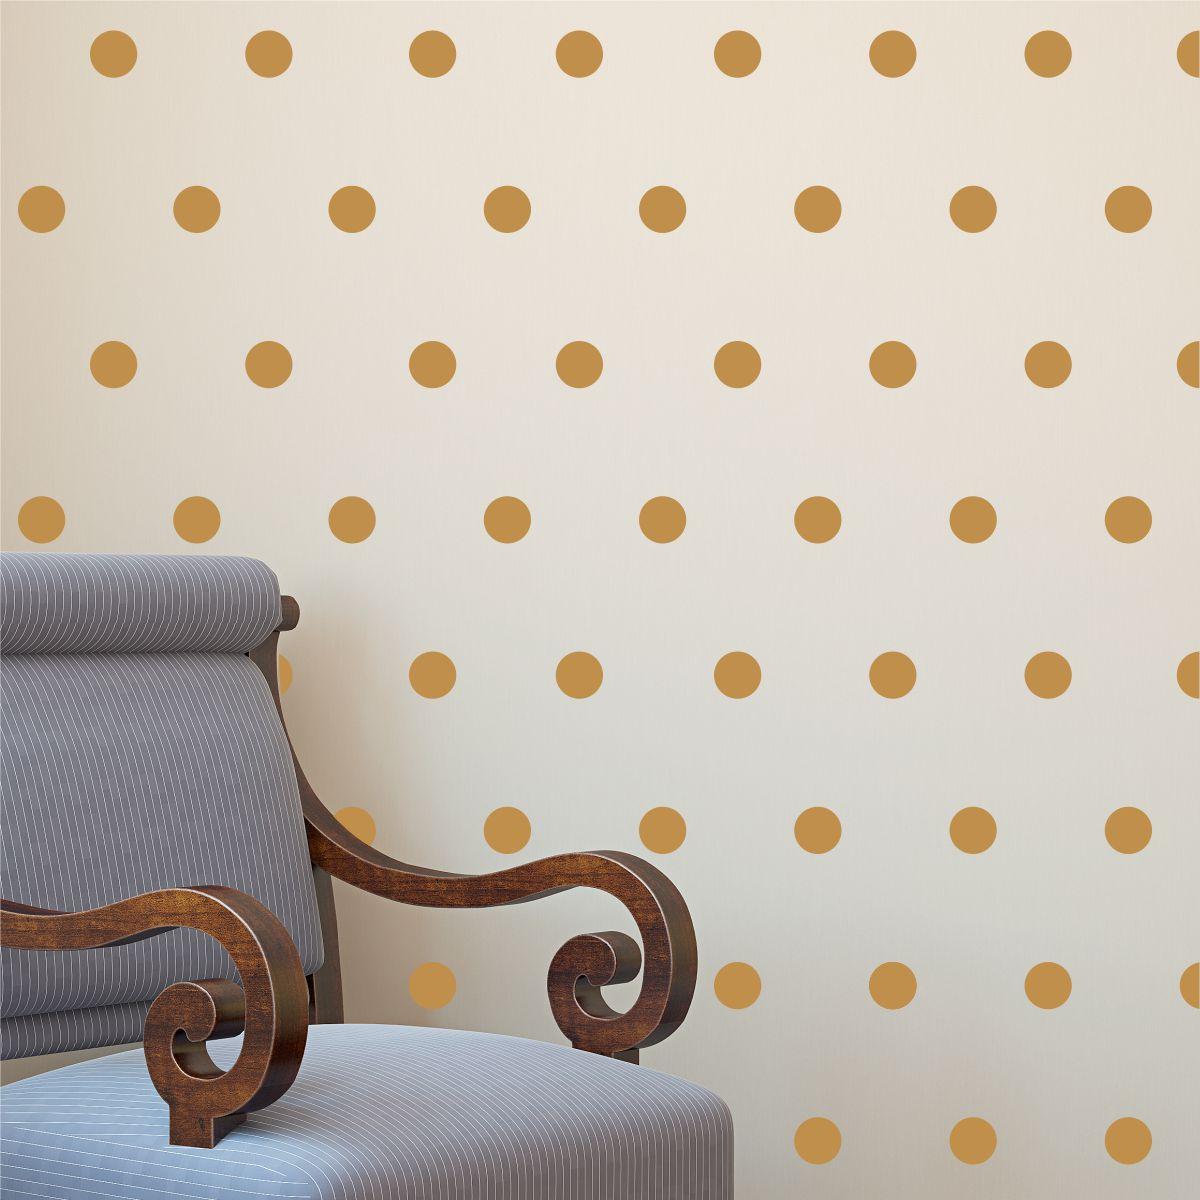 Polka Dot Wall Decals Kit